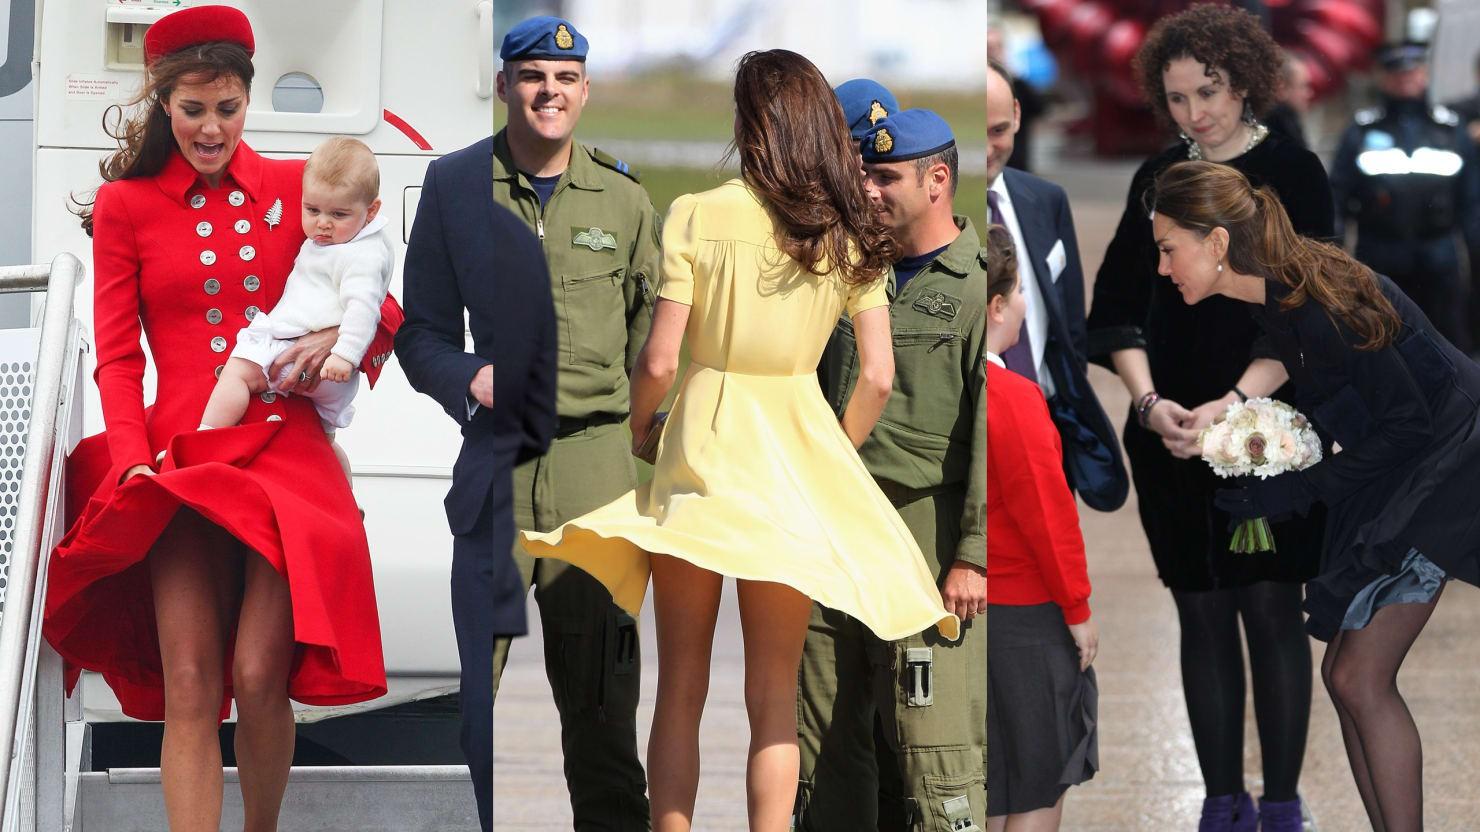 Mặc đẹp như công nương Kate nhưng vẫn thường xuyên bị trừ điểm thanh lịch chỉ vì thiếu món phụ kiện này - Ảnh 1.